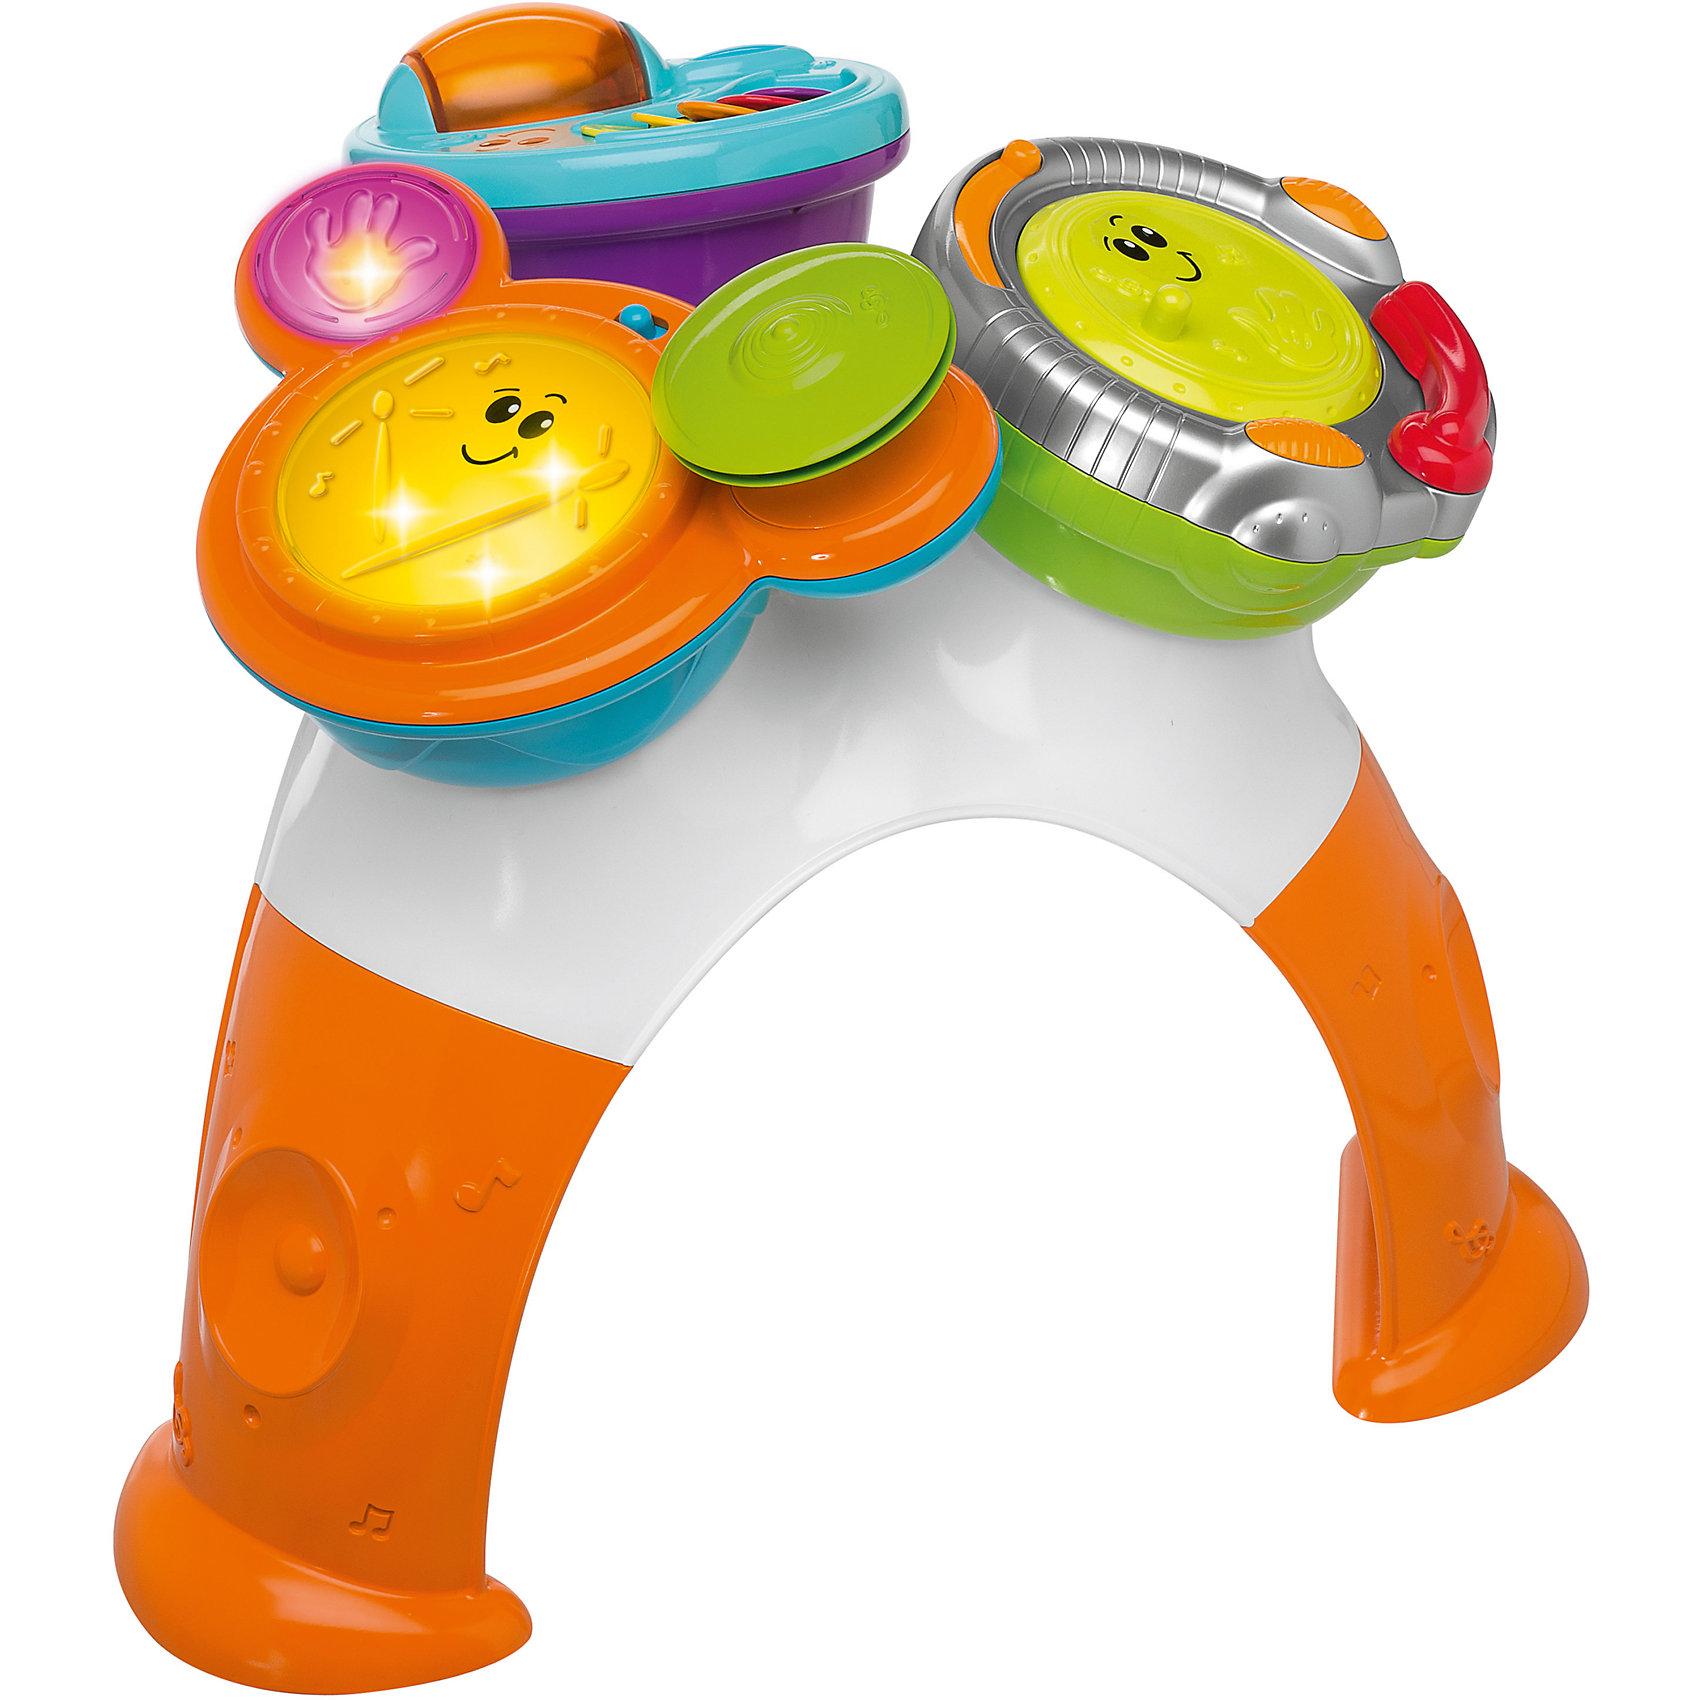 Музыкально-игровой столик DJ (консоль, барабаны, маракасы), ChiccoМузыкально-игровой столик DJ (консоль, барабаны, маракасы), Chicco (Чико) – это настоящий музыкальный центр.<br>Музыкально-игровой столик DJ с 8 игровыми режимами не позволит скучать вашему малышу. На столике установлены три игровых элемента. Один из них представляет собой DJ консоль (ди-джейский пульт) на котором диск вращается со скретч-эффектом, бегунок передвигается из стороны в сторону со звуком трещотки. На другом элементе (маракасы) расположены разноцветные створки с нотками и прозрачная вращающаяся сфера. Внутри нее находятся маленькие шарики, которые перекатываются и задорно гремят при вращении. Третий элемент со световыми эффектами выполнен в виде барабанной установки с тарелками. Она предусматривает три режима: создай ритм - ребенок свободно играет на барабанах, извлекая различные звуковые эффекты, выражая свое творческое начало; придерживайся такта - малыш старается играть на ударных в такт мелодии; сочини песню - ребенок сочиняет собственные произведения в различных стилях. Элементы легко снимаются, ими можно играть отдельно. Музыкально-игровой столик DJ способствует развитию звукового восприятия, музыкального слуха, чувства ритма, а также мышления, воображения и творческих способностей. Он выполнен из прочного безопасного пластика ярких цветов.<br><br>Дополнительная информация:<br><br>- Материал: пластик<br>- Батарейки: 2 шт. типа ААА (не входят в комплект)<br>- Размер упаковки: 49 х 49 х 35 см.<br><br>Музыкально-игровой столик DJ (консоль, барабаны, маракасы), Chicco (Чико) можно купить в нашем интернет-магазине.<br><br>Ширина мм: 392<br>Глубина мм: 228<br>Высота мм: 502<br>Вес г: 4380<br>Возраст от месяцев: 9<br>Возраст до месяцев: 48<br>Пол: Унисекс<br>Возраст: Детский<br>SKU: 3191316